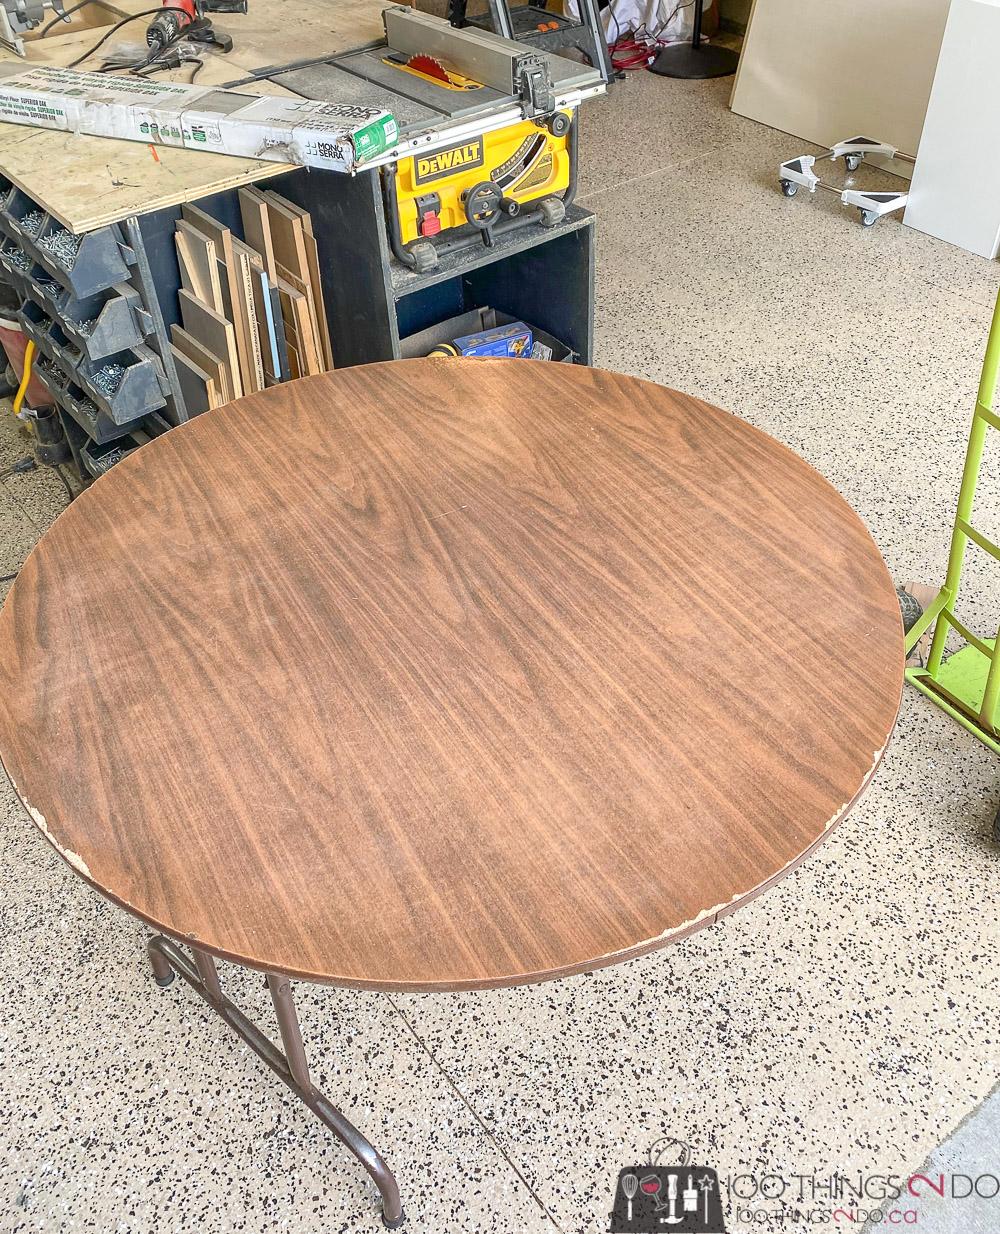 damaged card table, damaged game table, damaged folding table